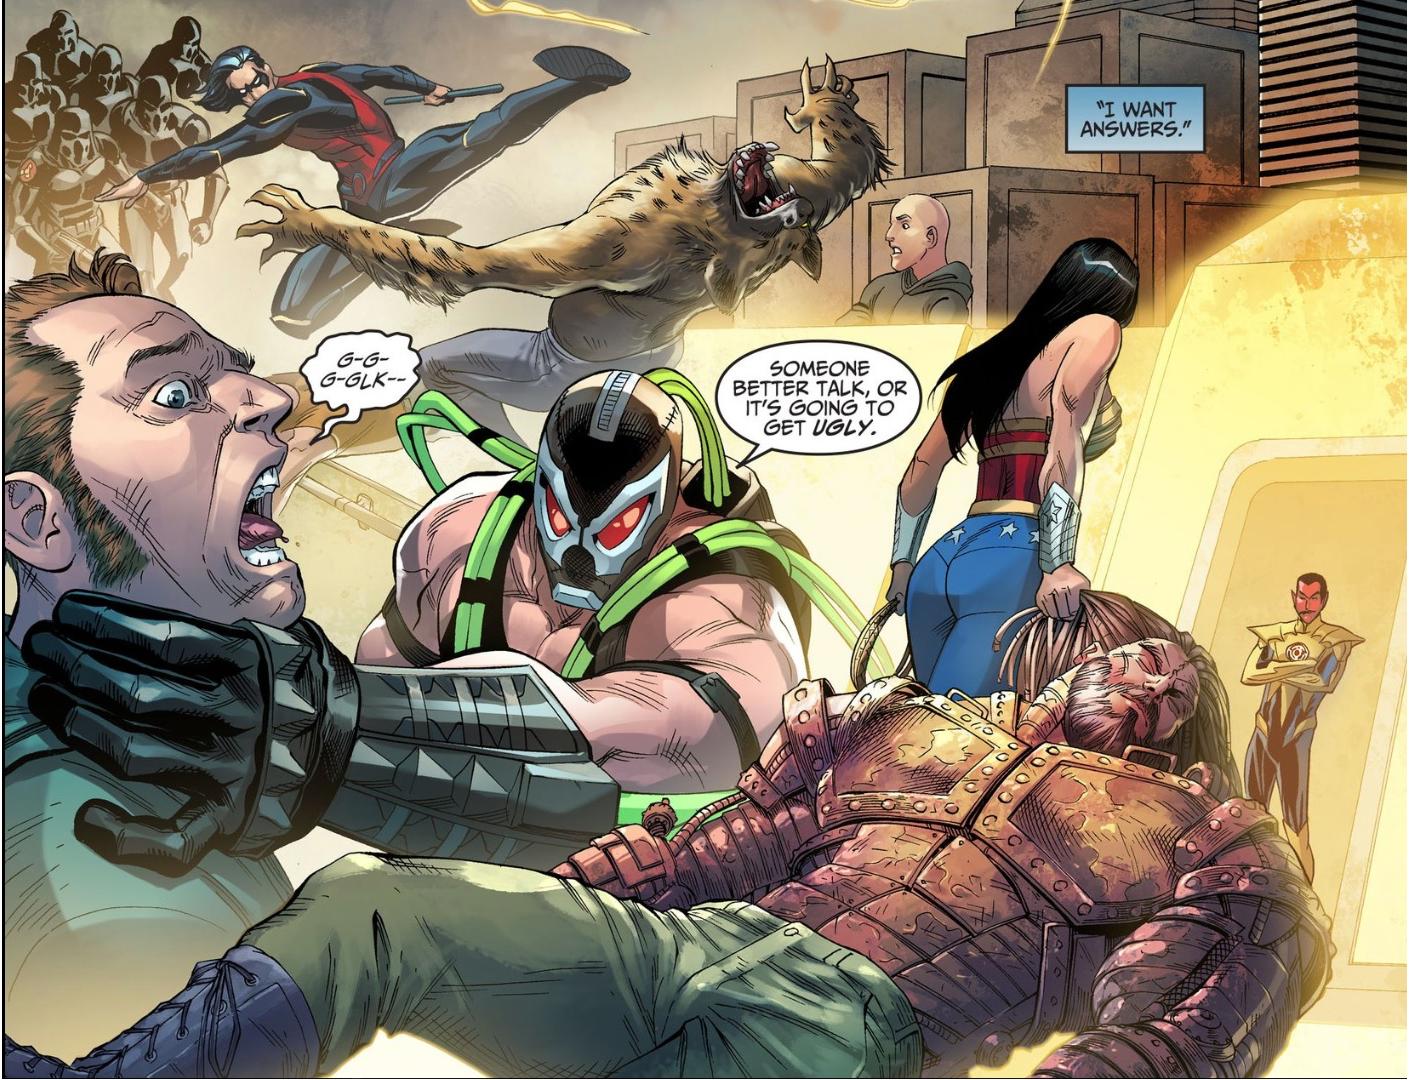 Members Of Superman's Regime